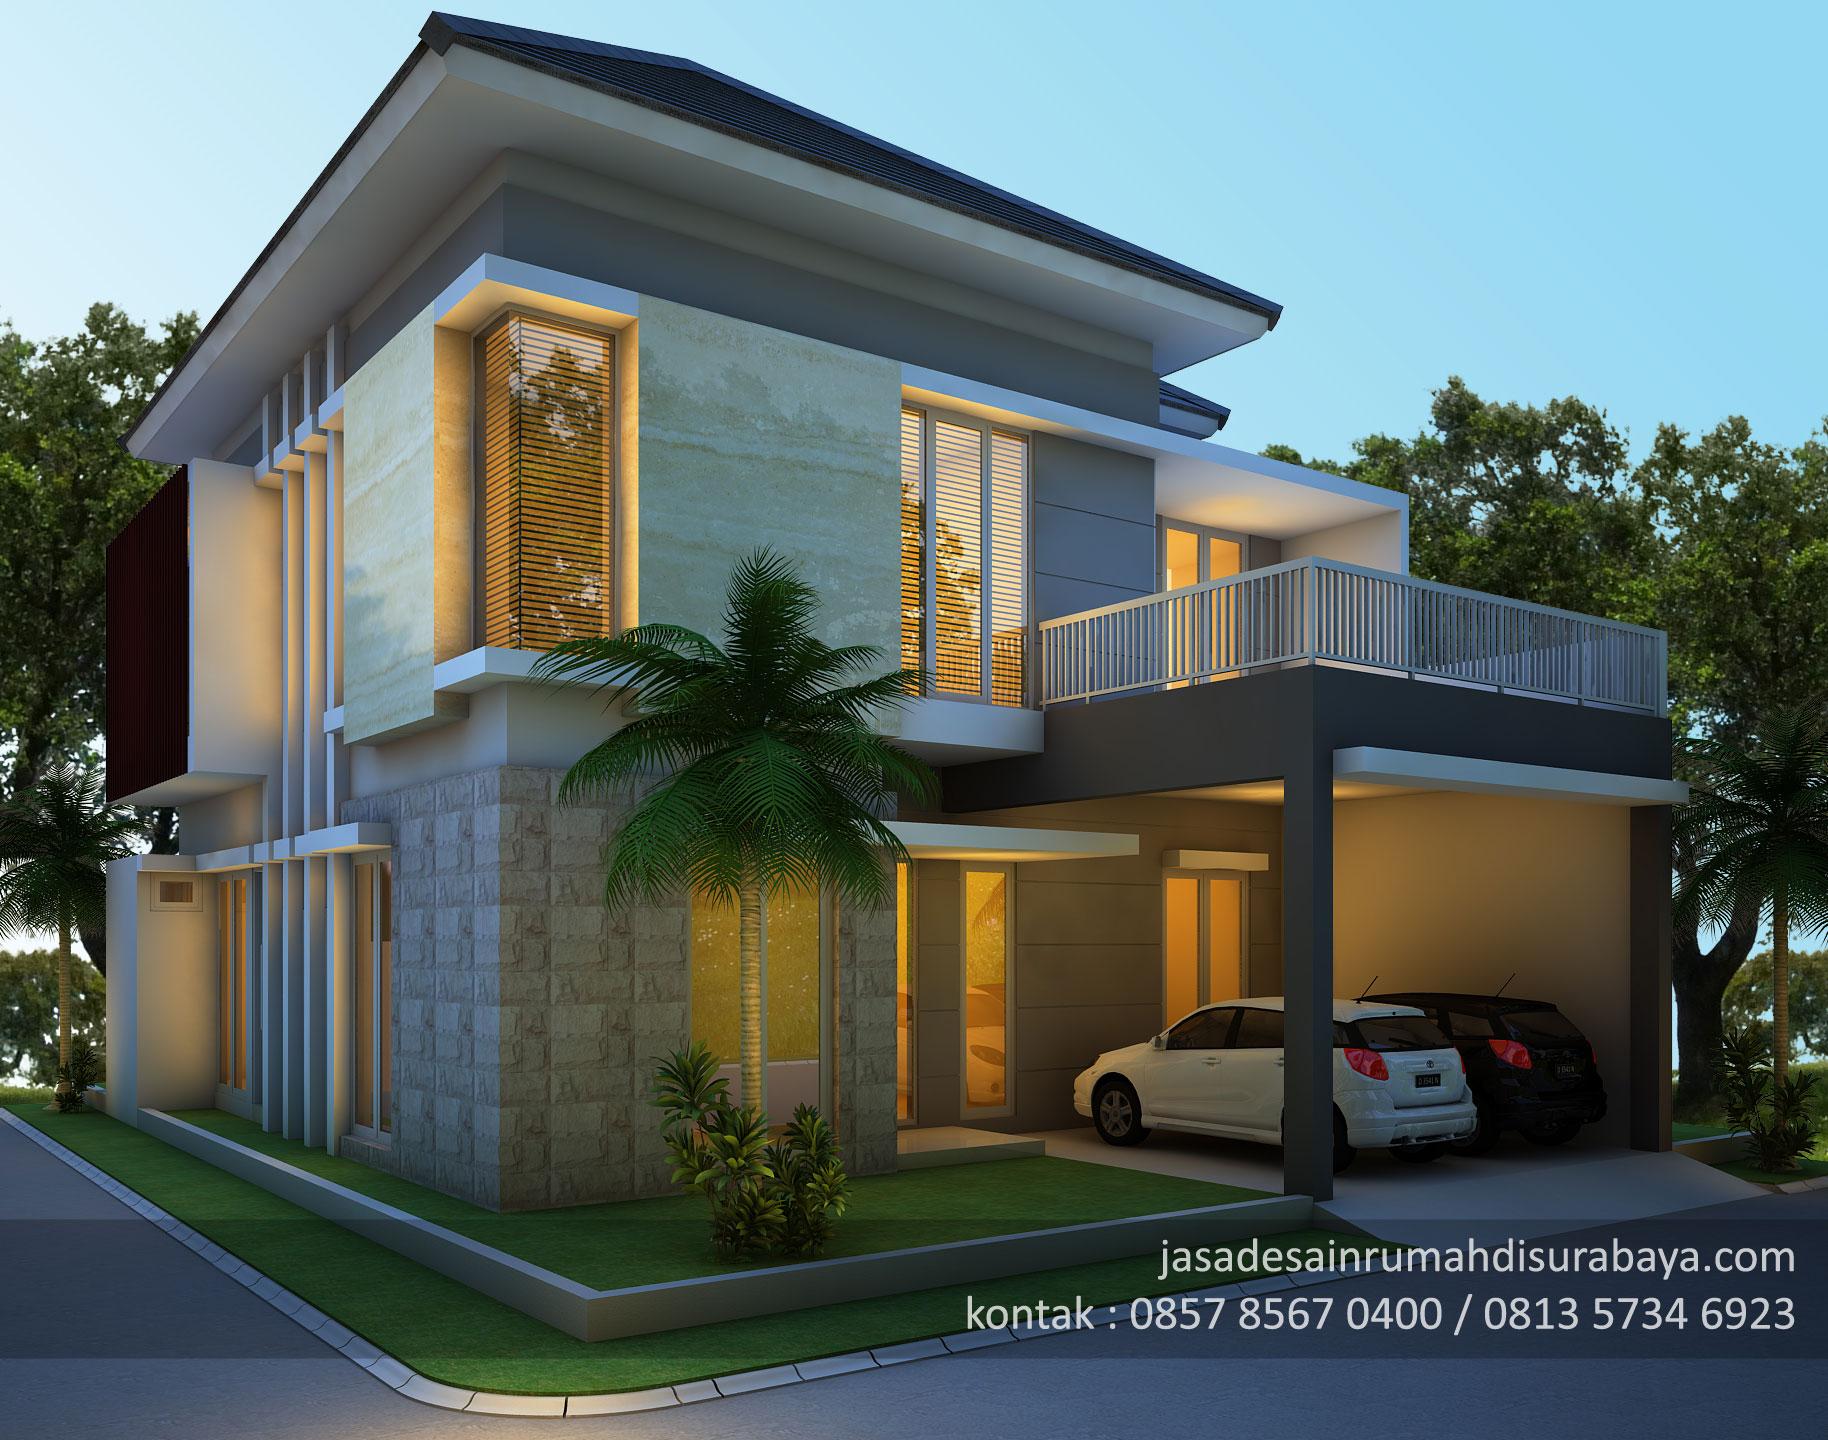 Jasa Desain Rumah Pojok 2 Lantai Di Sidoarjo Jasa Desain Rumah Di Surabaya Arsitek Surabaya